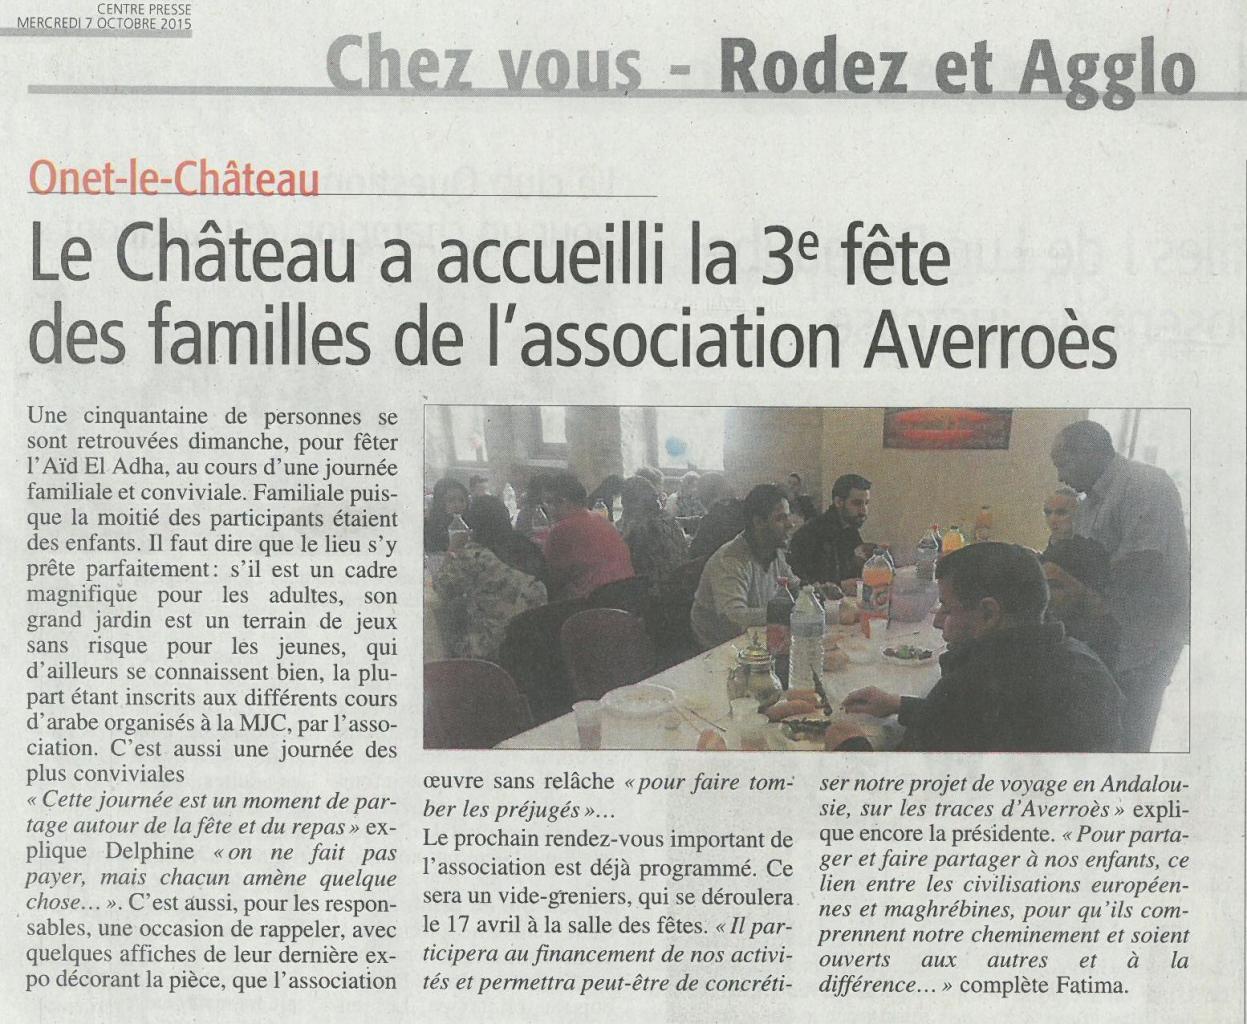 Article Centre Presse du 07/10/2015